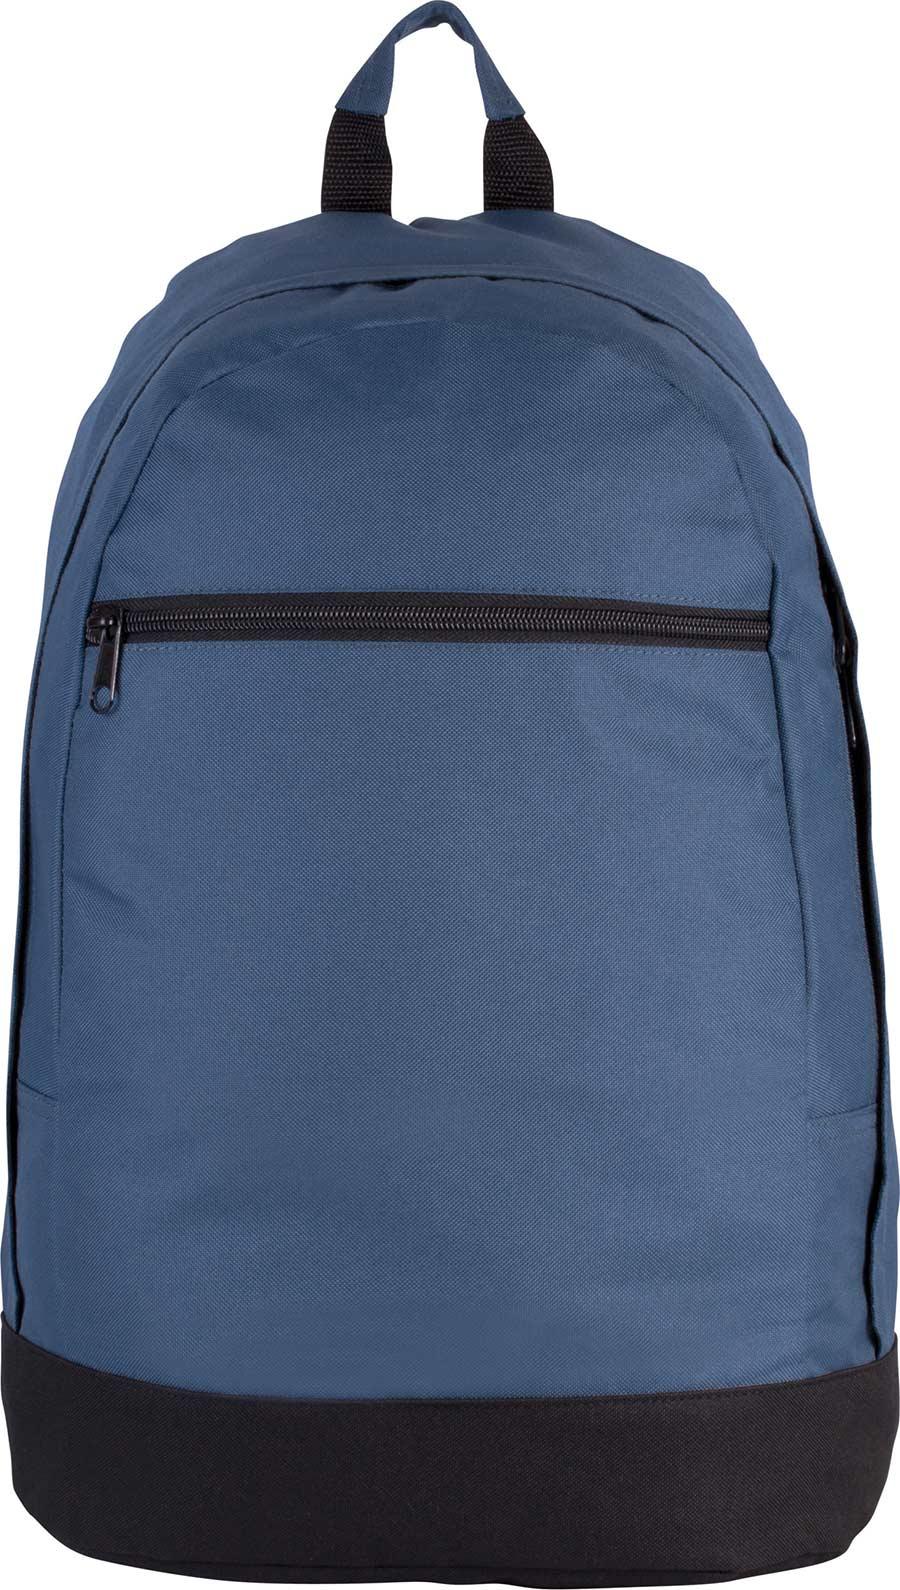 KI0159 Urban Backpack